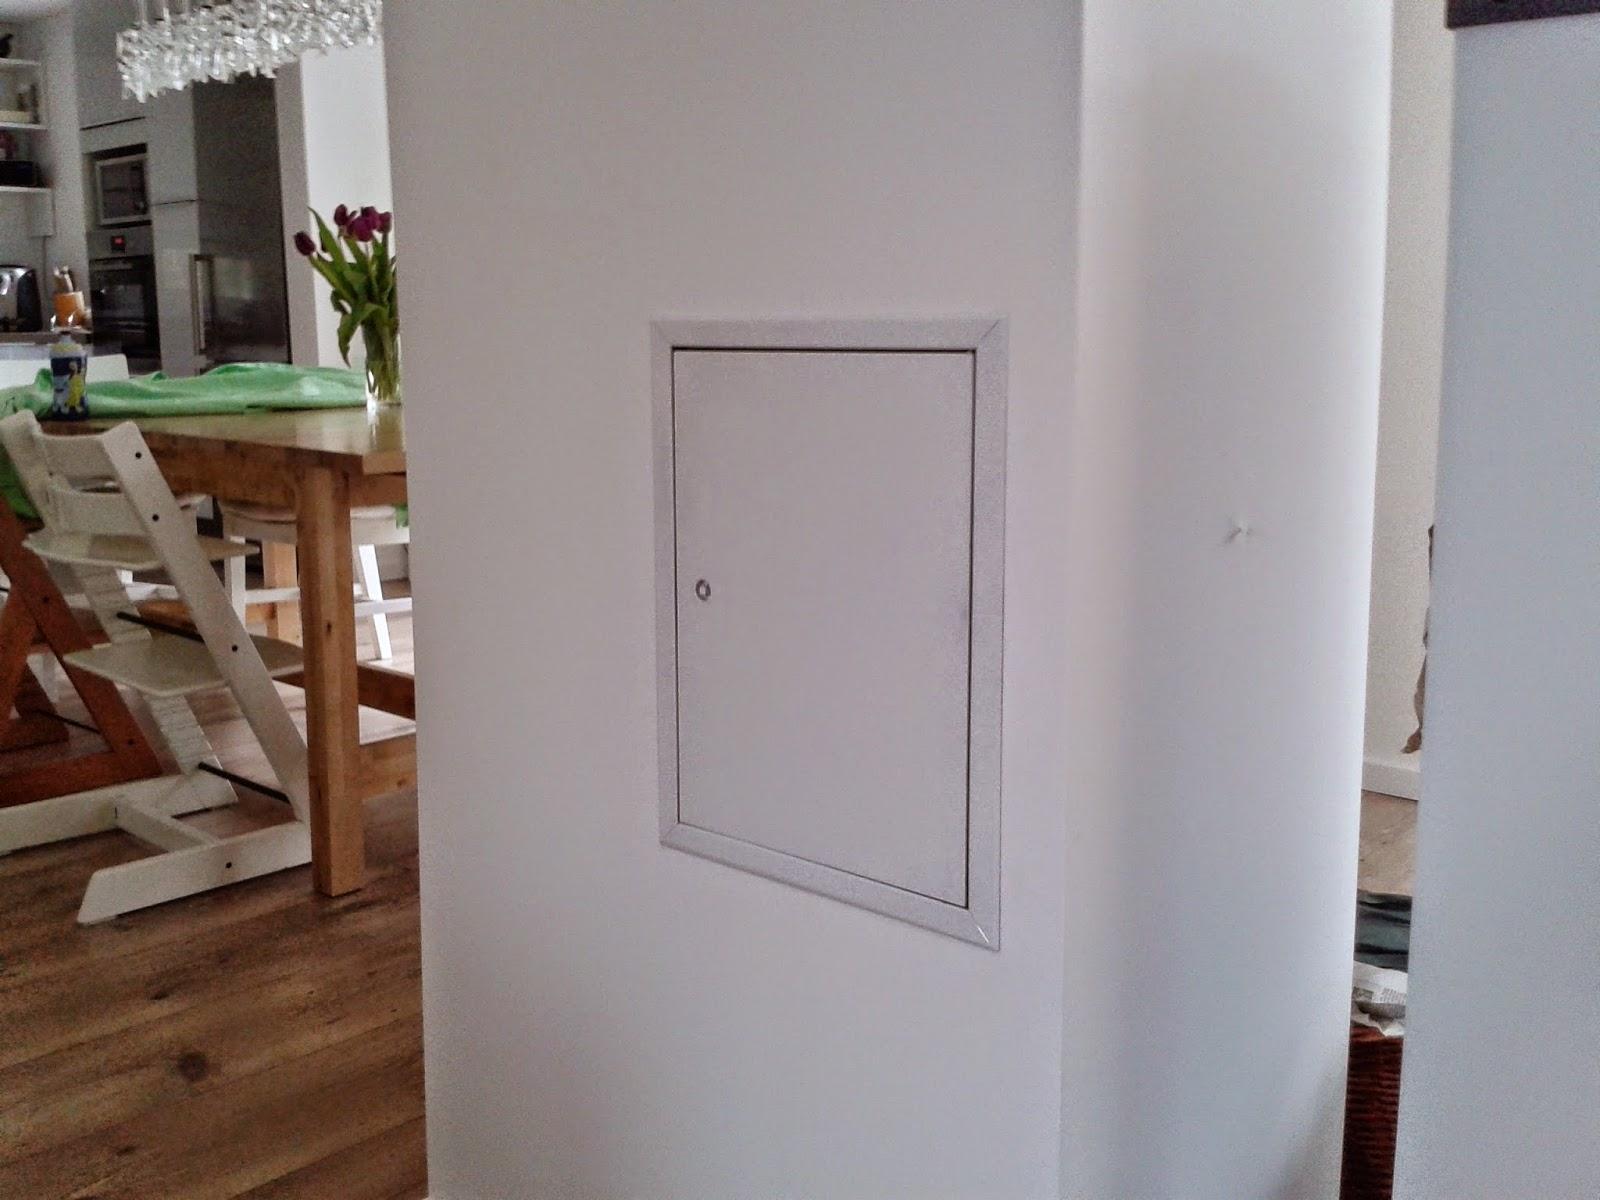 das erste jahr ist rum familie mahnkes traum vom haus. Black Bedroom Furniture Sets. Home Design Ideas